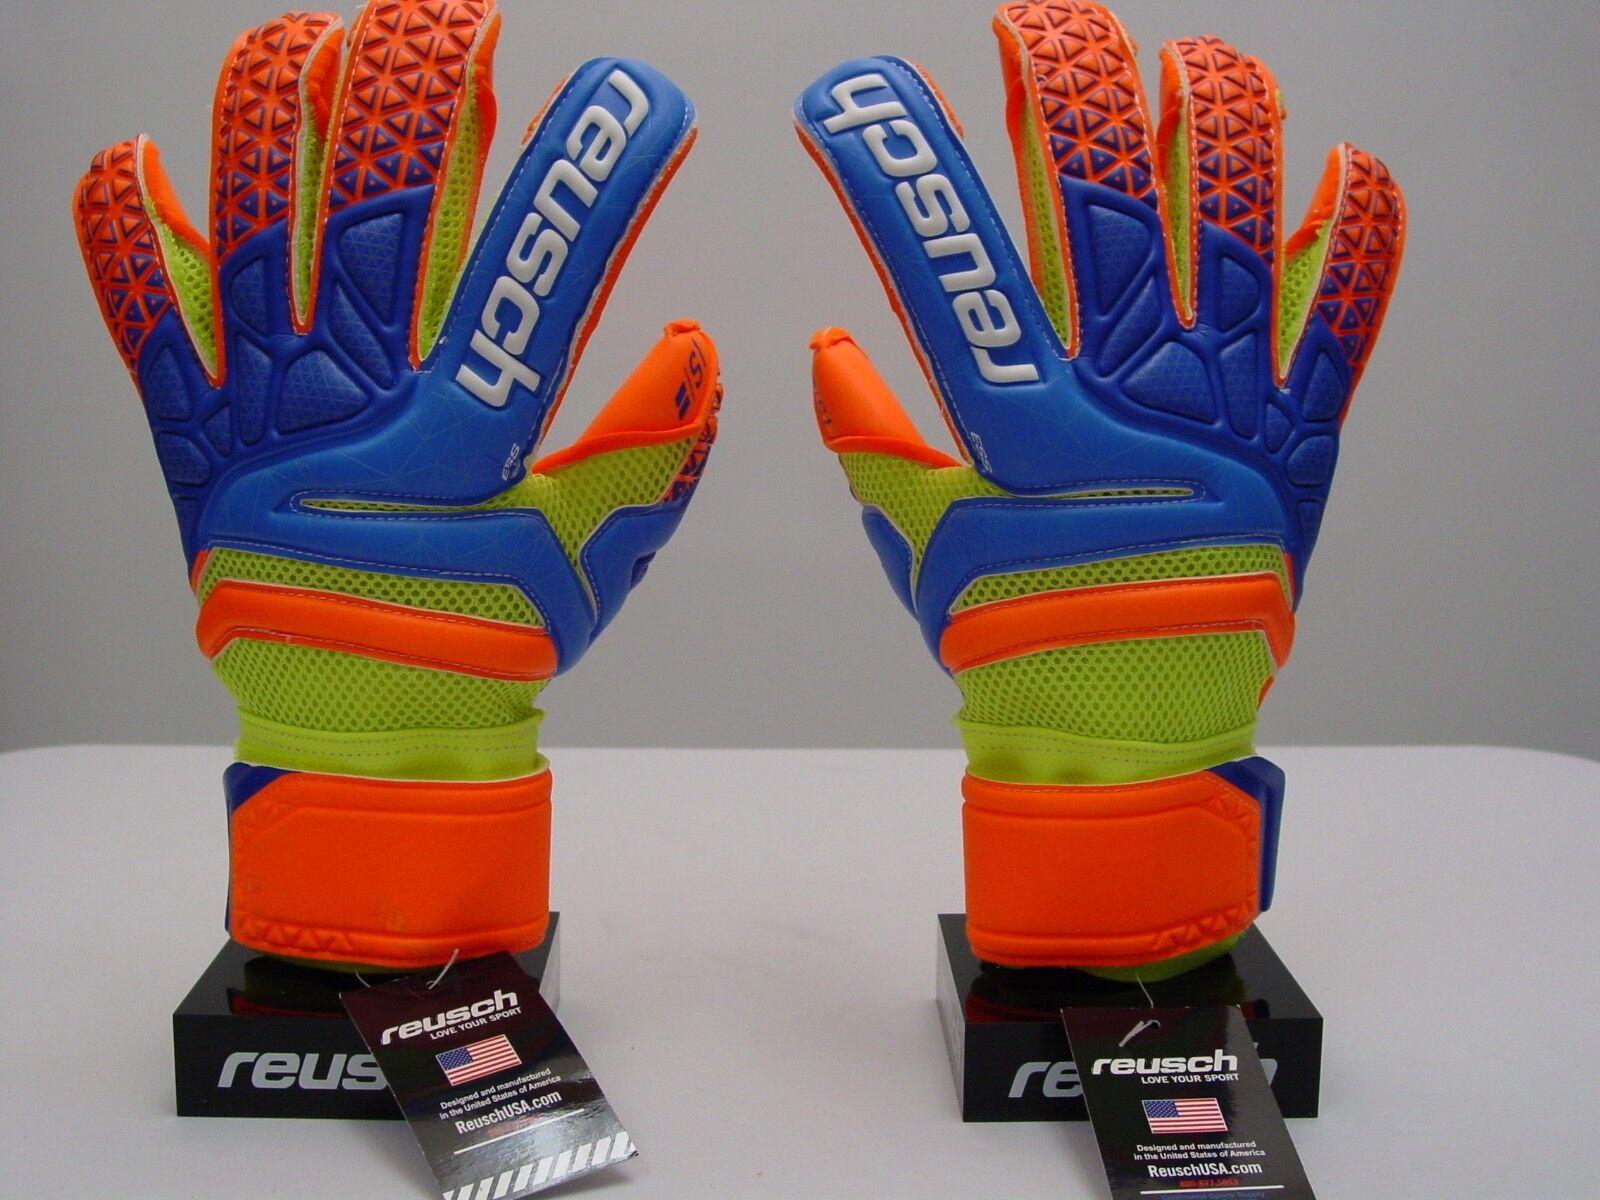 Reusch Guantes De Arquero De Fútbol Prisma del S1 Evolution 3870238S tamaño 9 de soporte de dedo